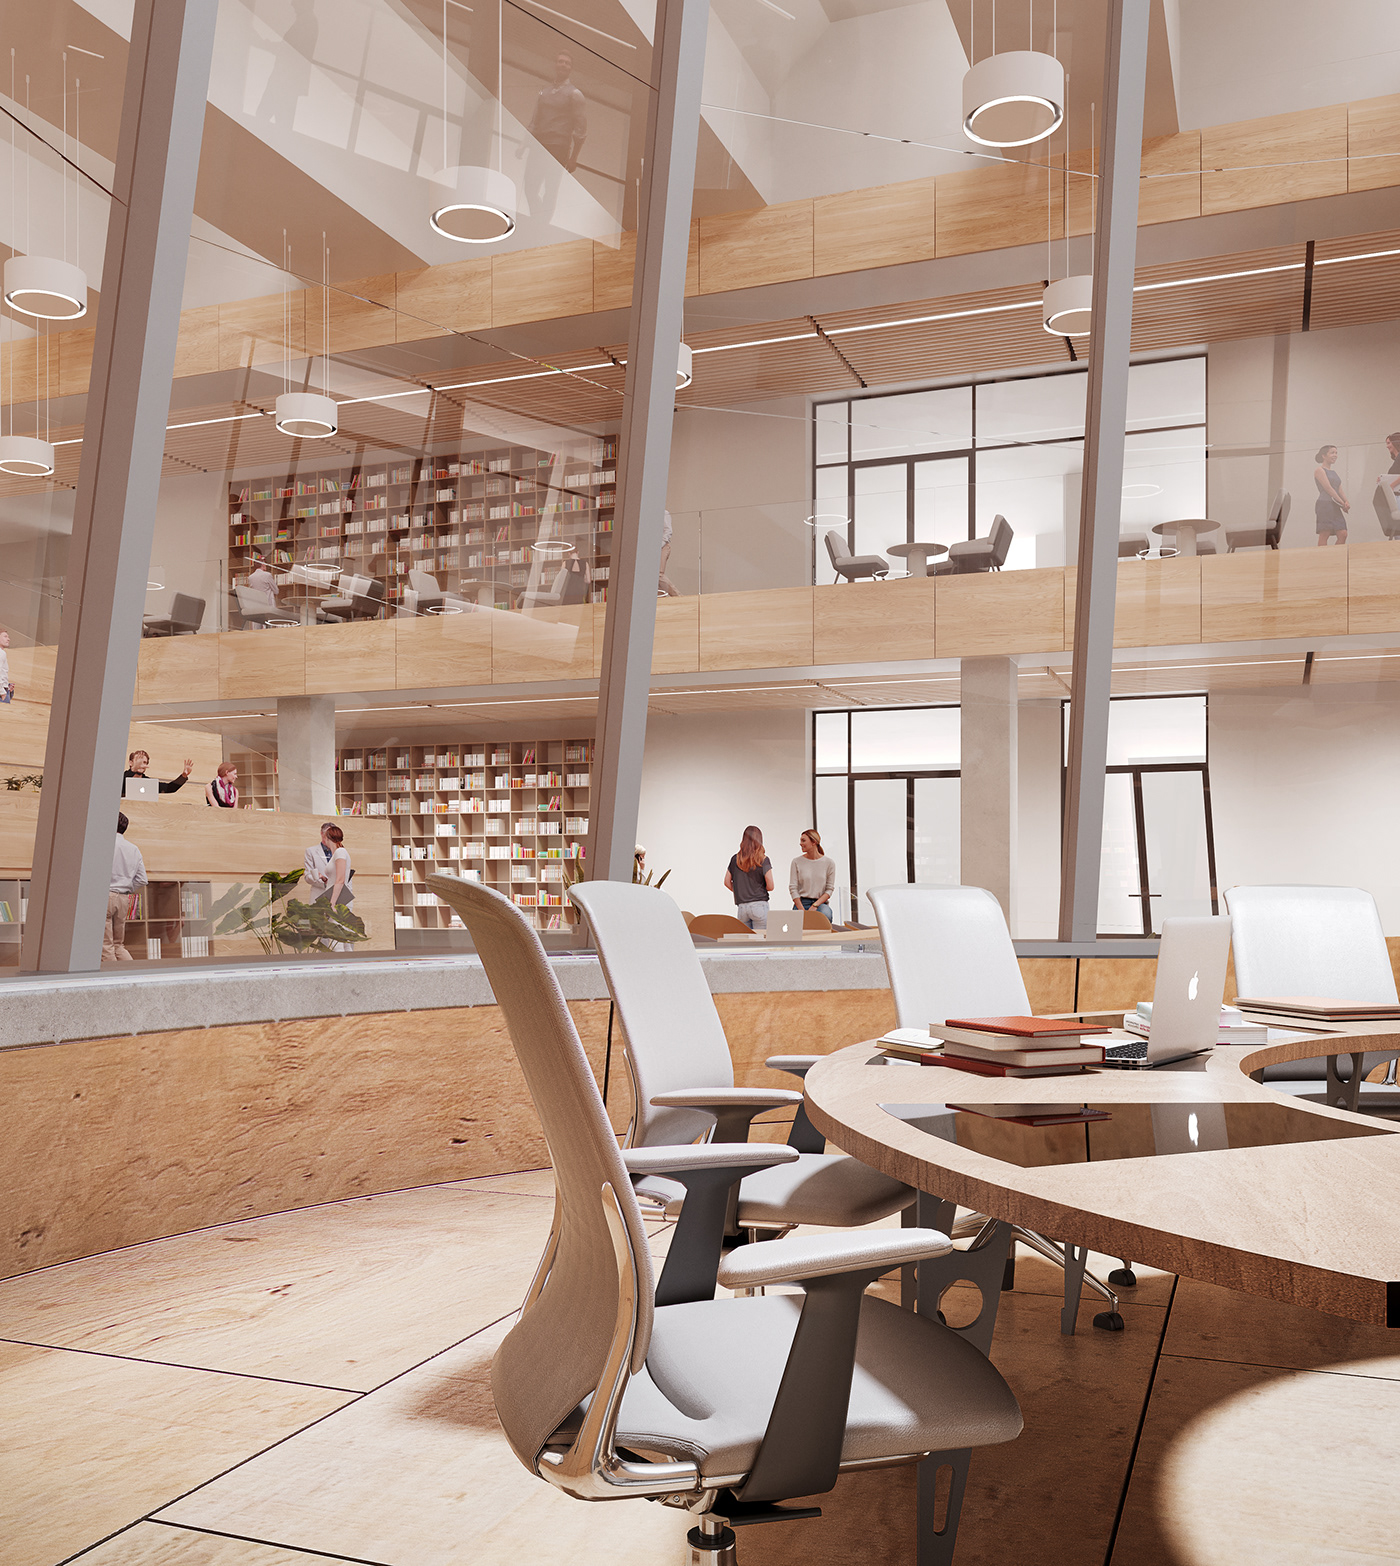 eskisehir green library Moody rendering University